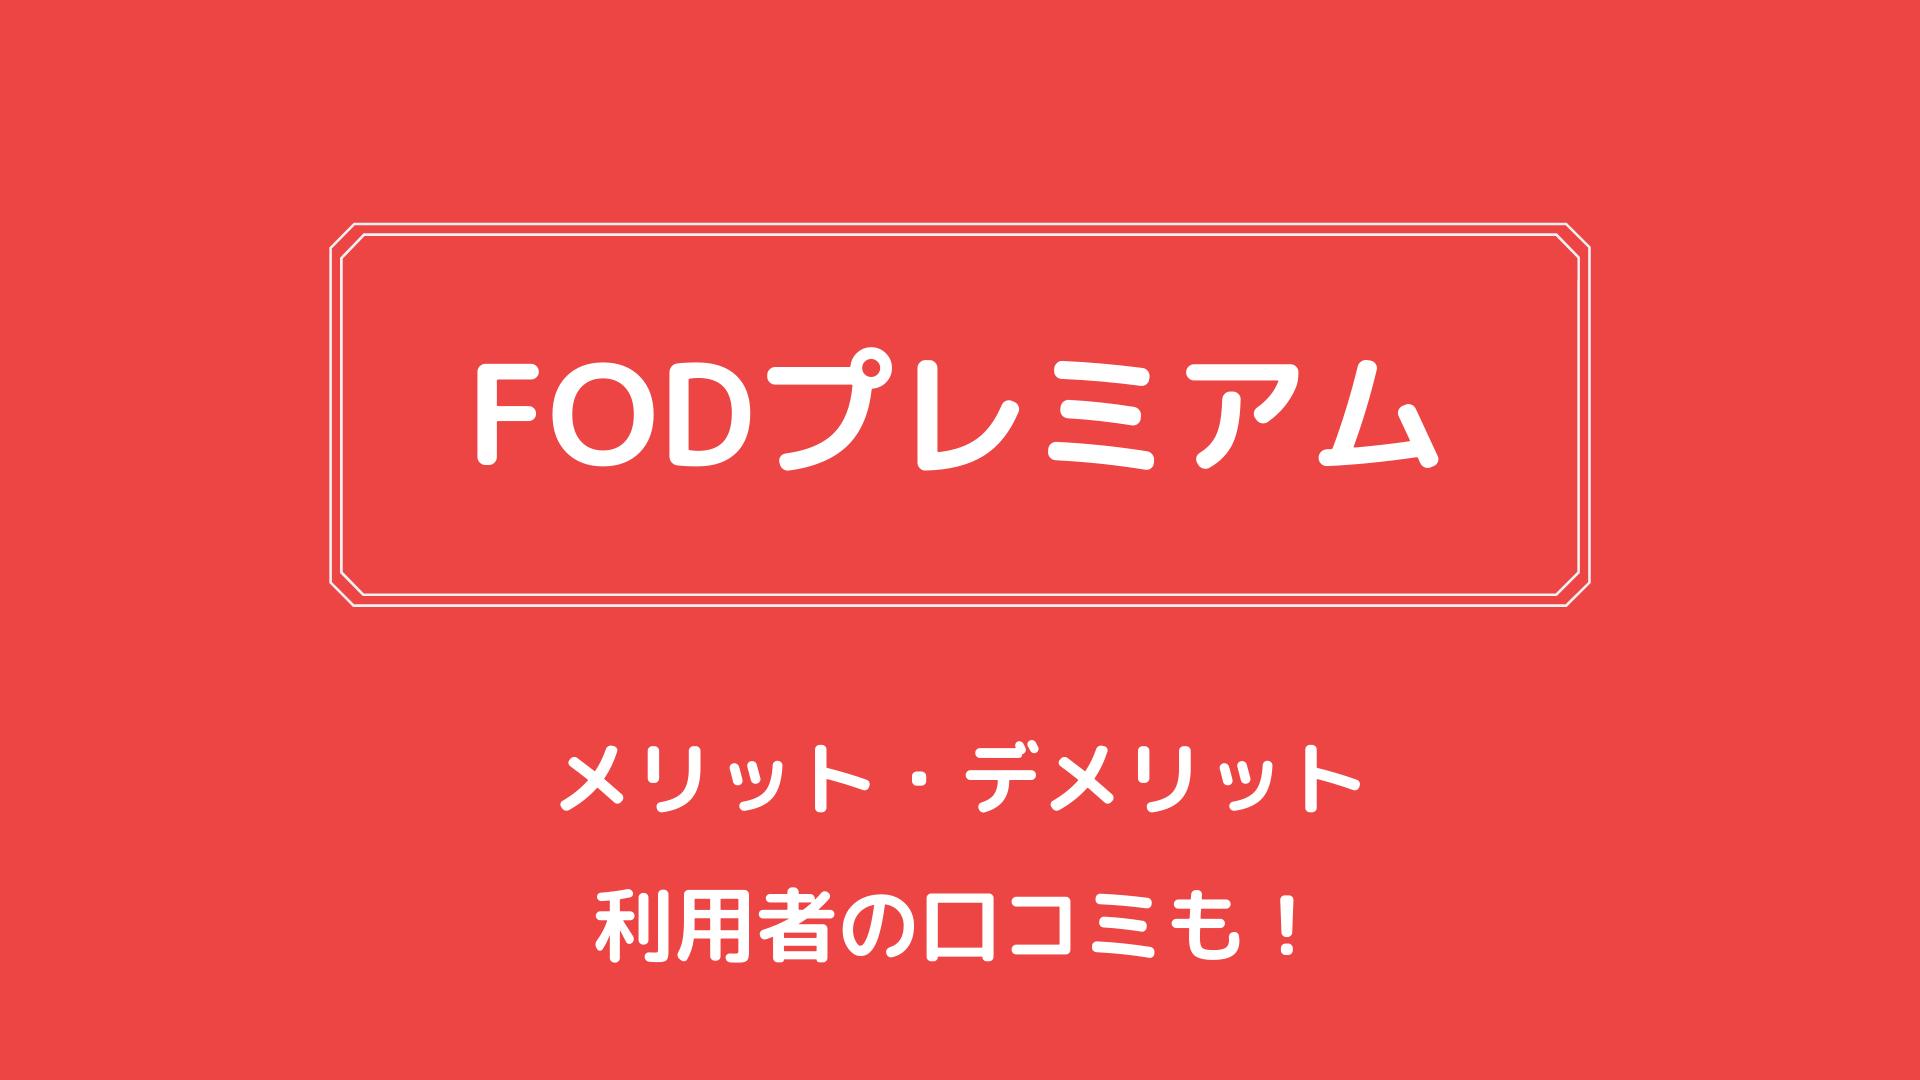 【完全版】FODプレミアムのメリット・デメリット、料金や評判を徹底解説!